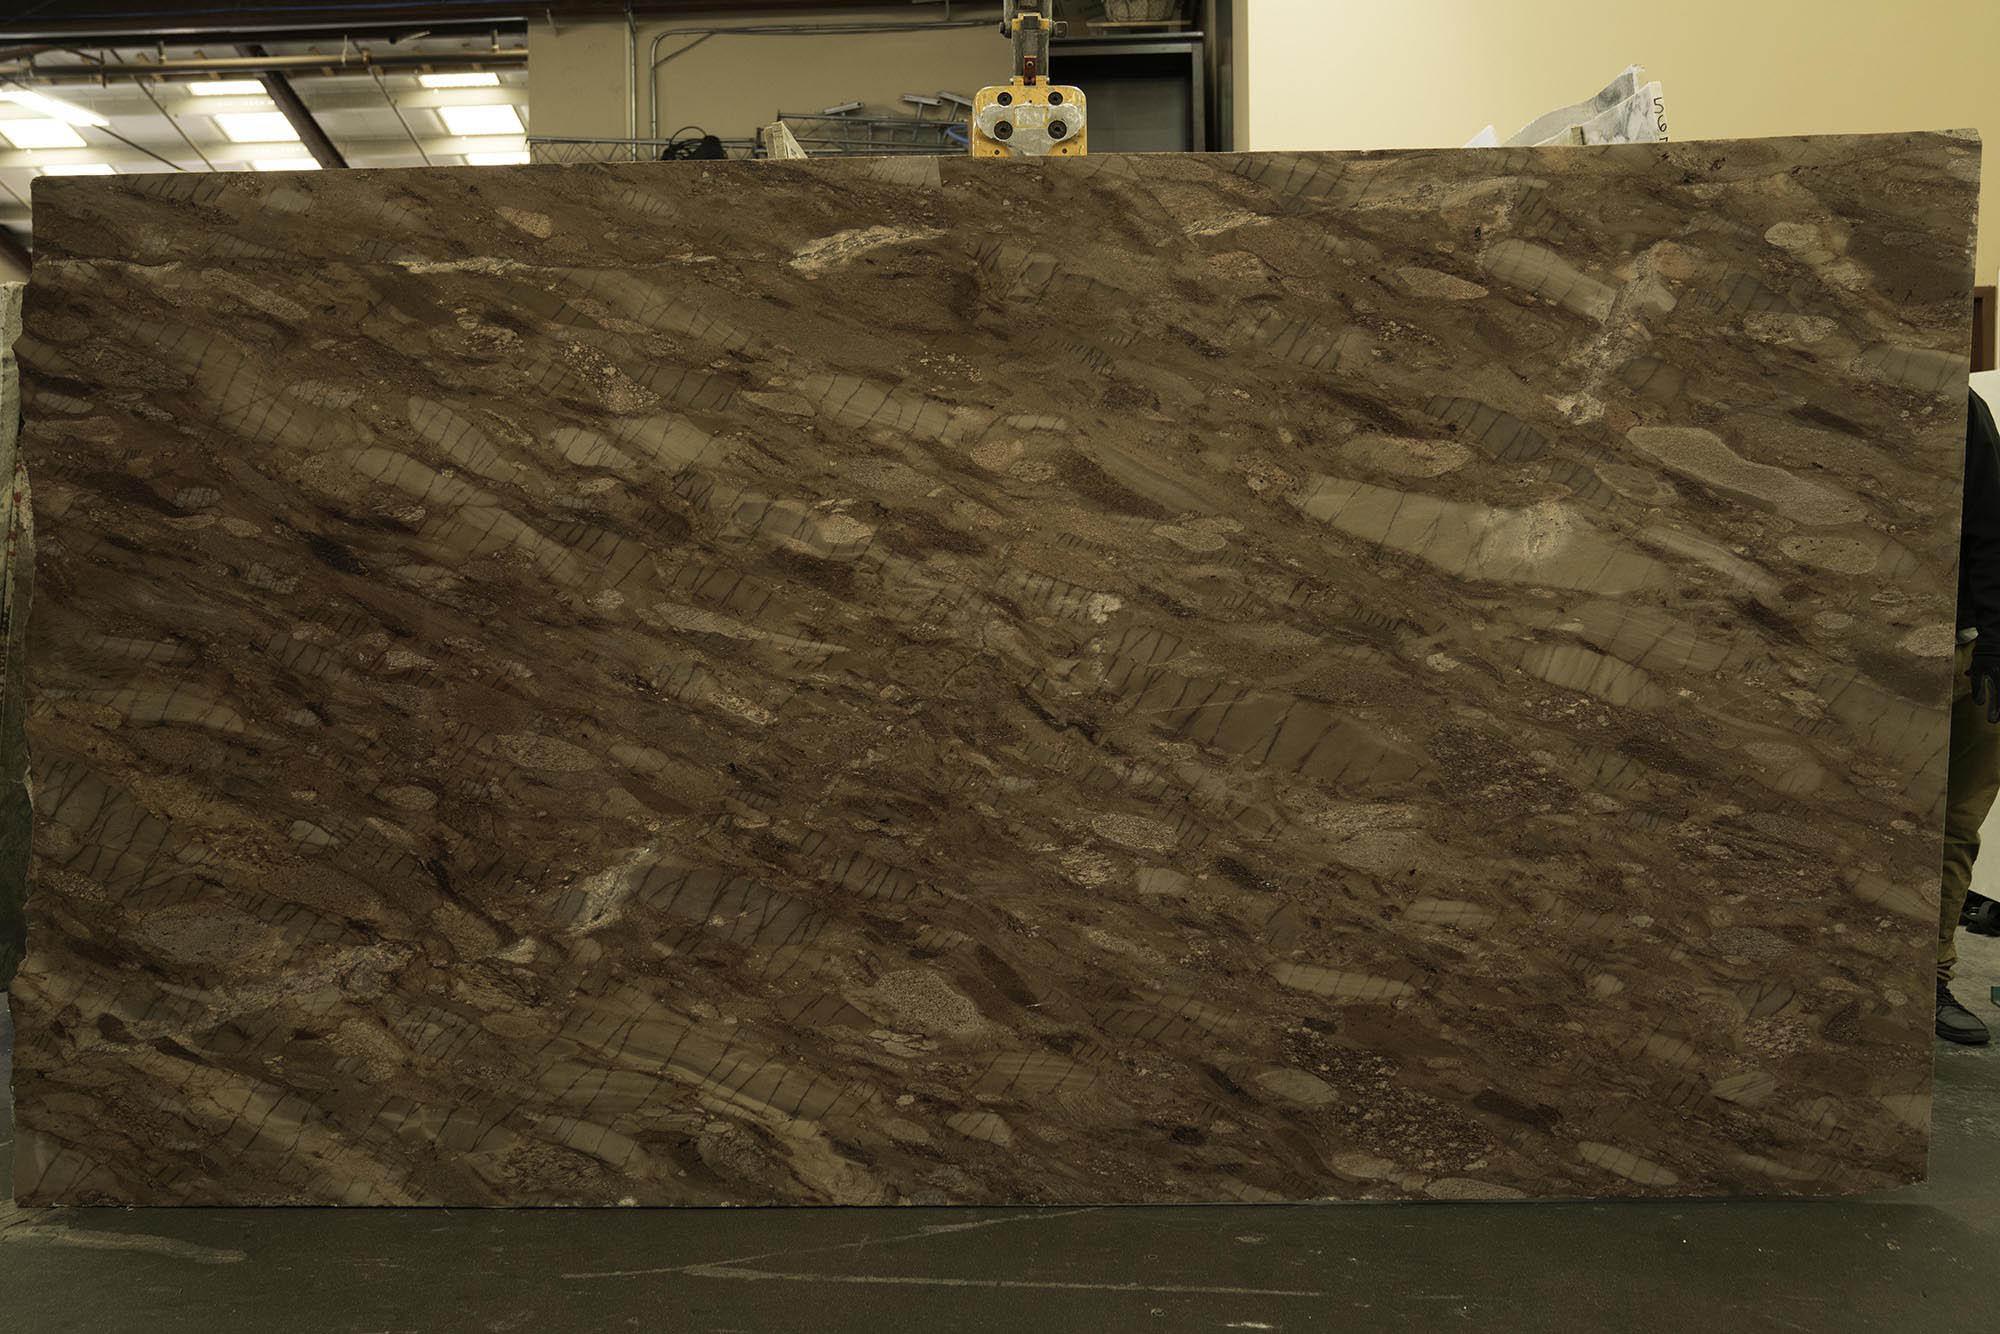 Quartz Countertops San Francisco Quartzite Slabs Palo Alto Ca Carmel Stone Imports